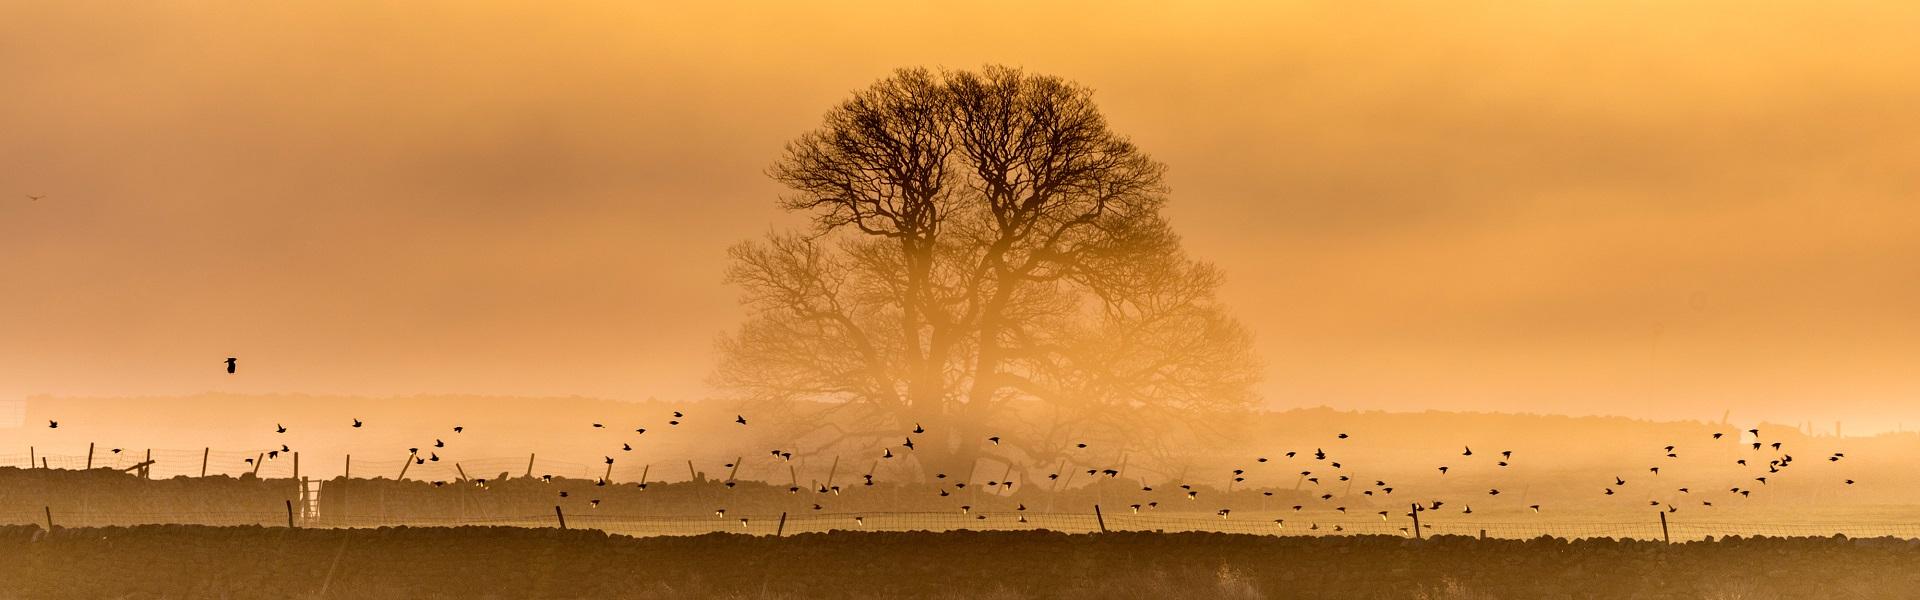 Ett landskap, ett träd och fåglar